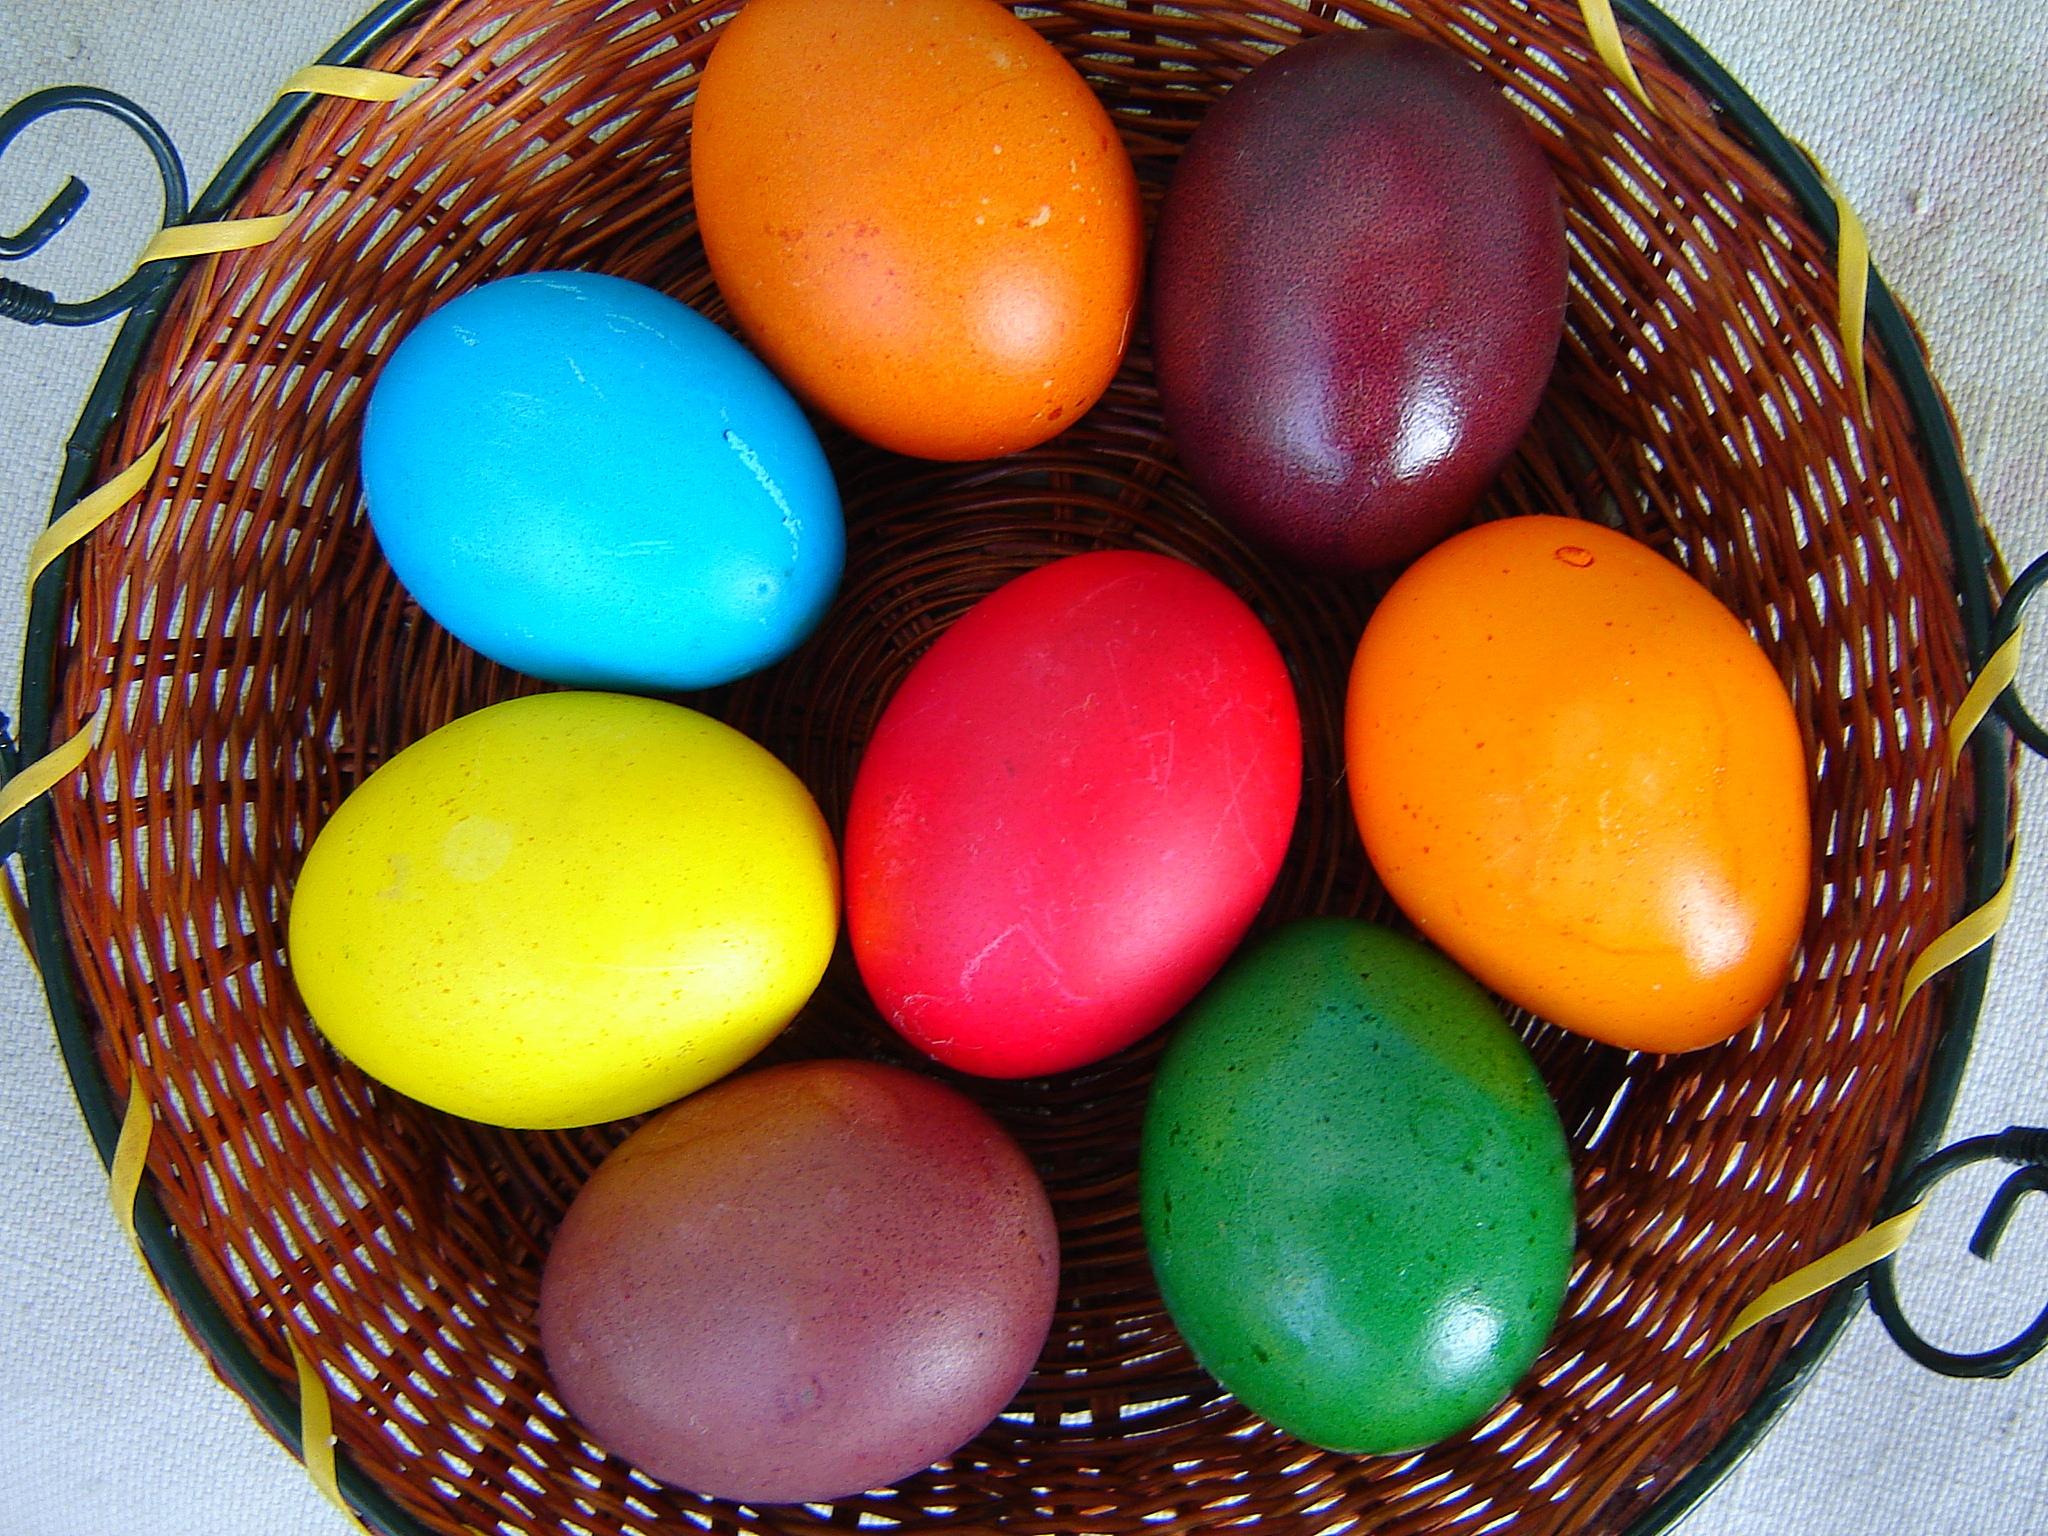 صور بيض ملون لشم النسيم طريقة تلوين البيض (2)